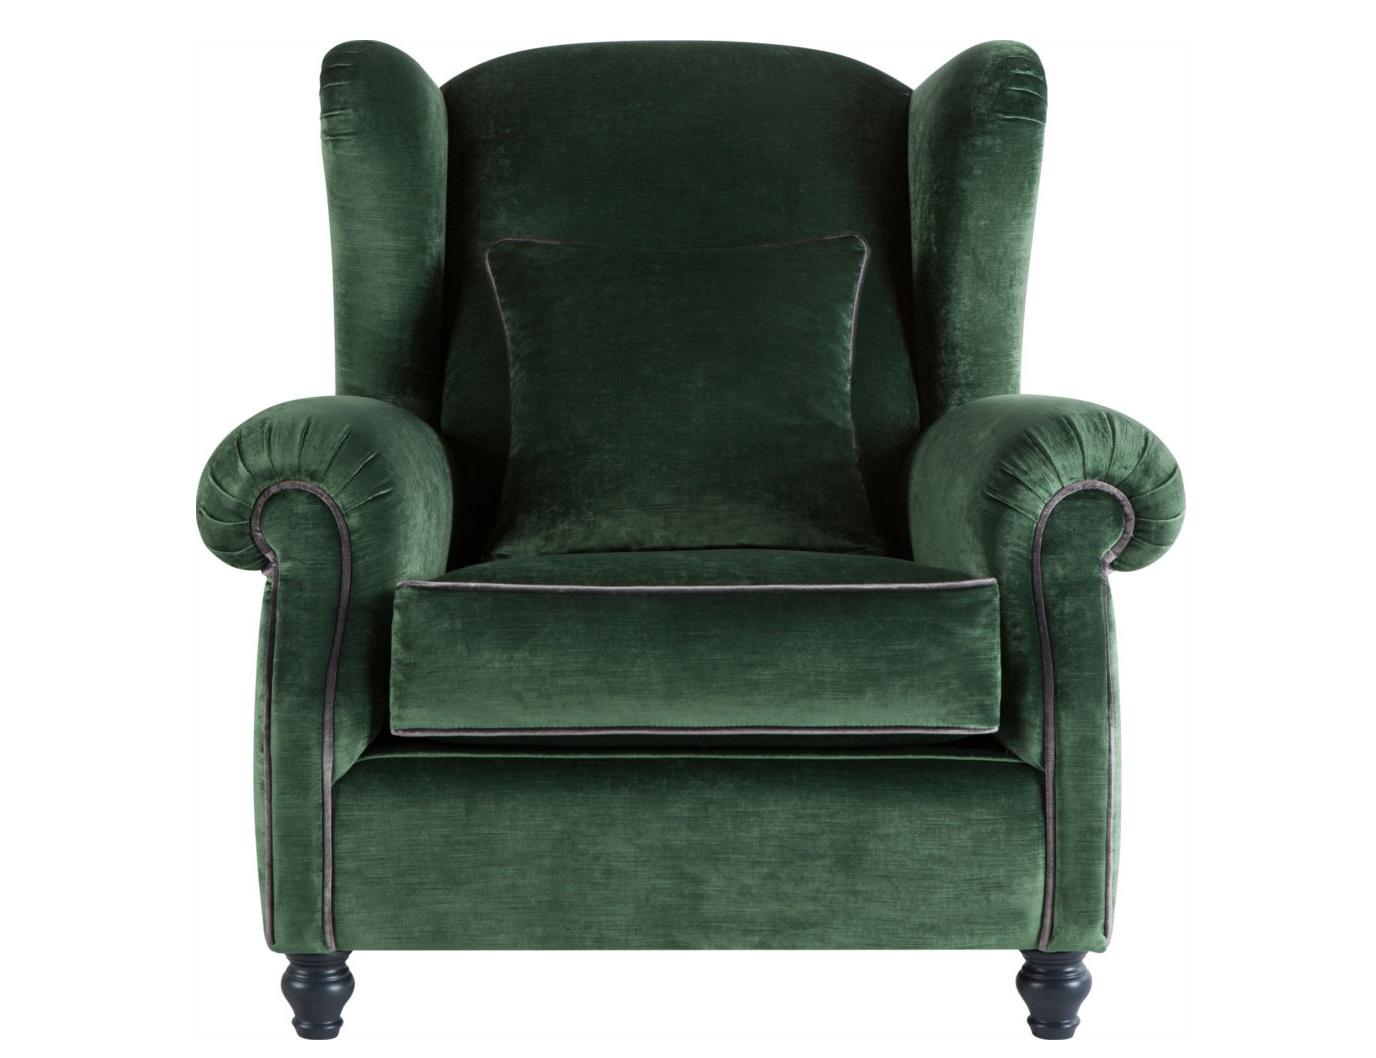 Кресло CassiopeaИнтерьерные кресла<br><br><br>kit: None<br>gender: None